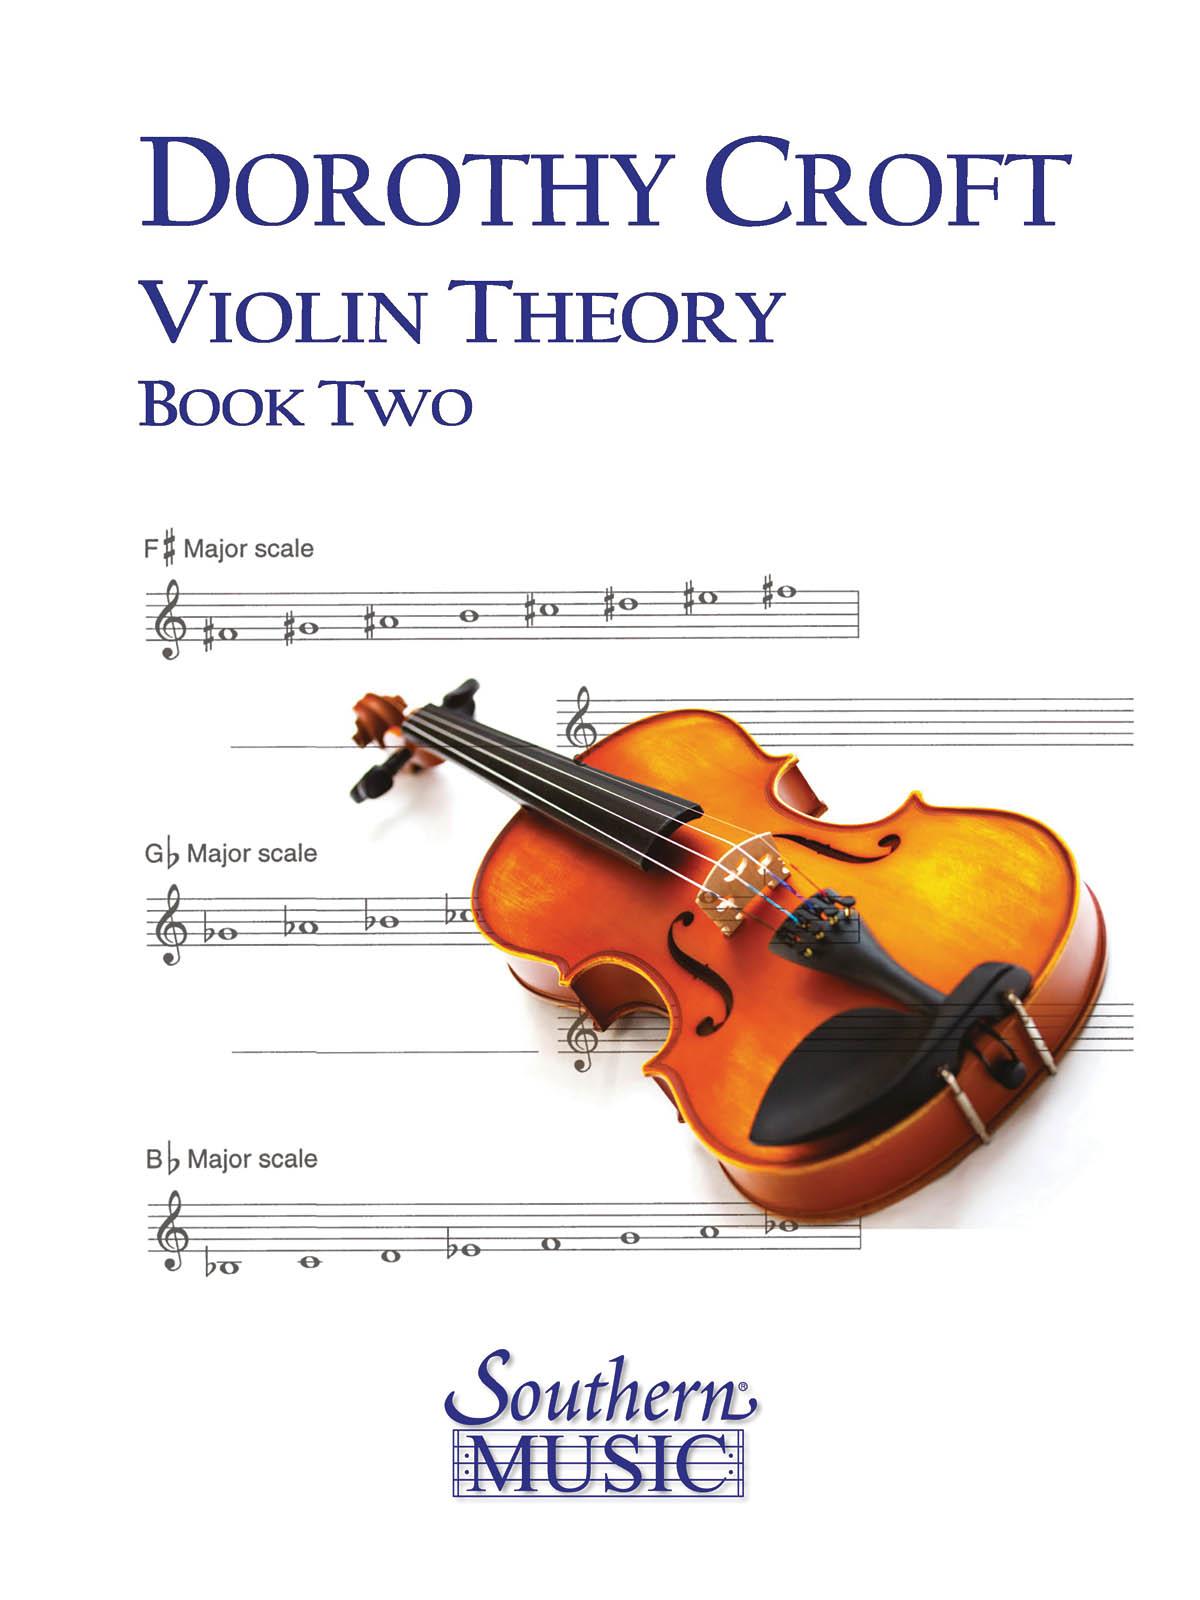 Andrew Lloyd Webber: The Phantom of the Opera: Concert Band: Score